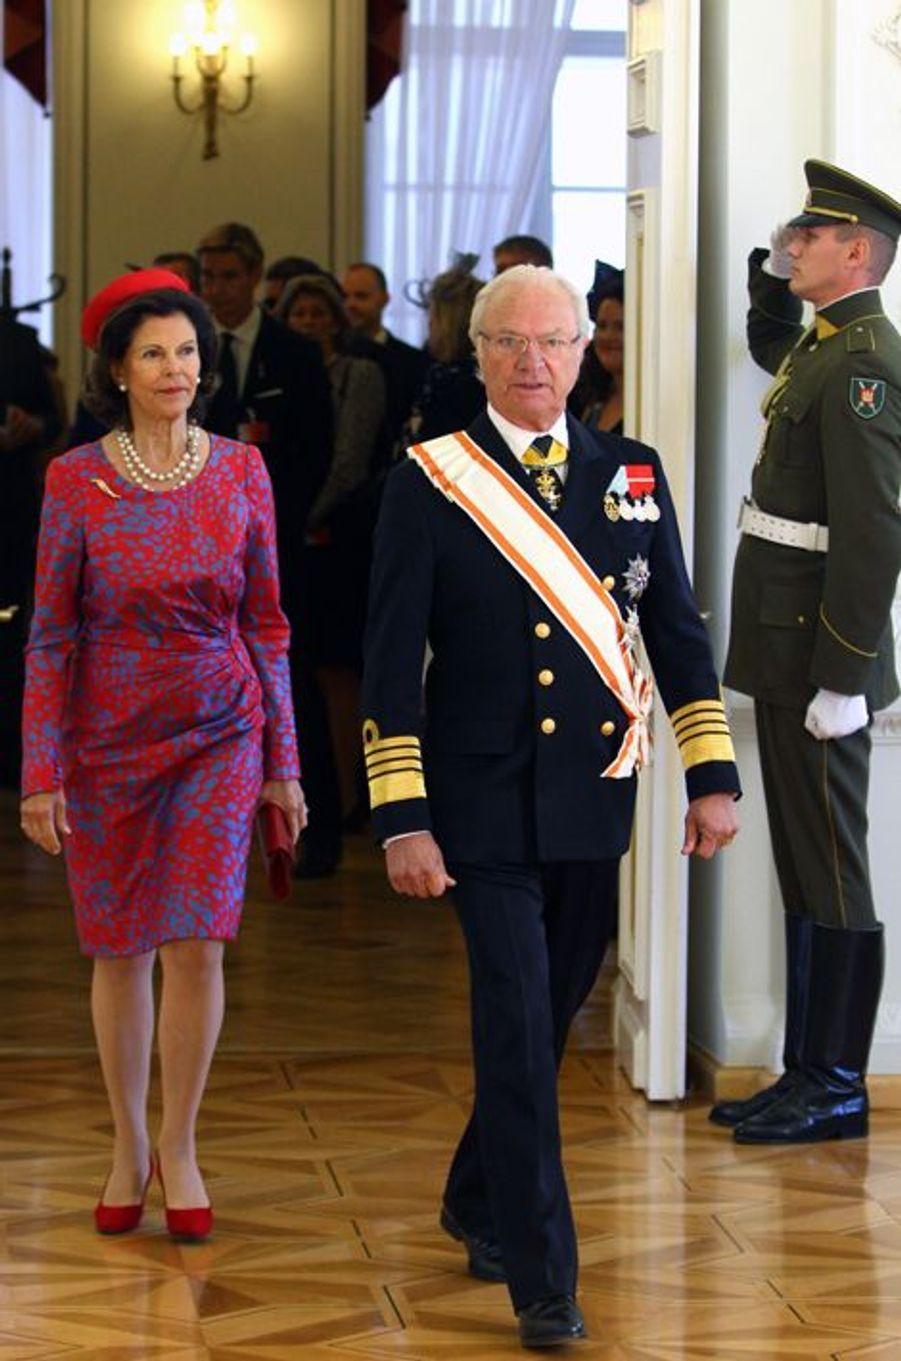 La reine Silvia et le roi Carl XVI Gustaf de Suède à Vilnius, le 7 octobre 2015